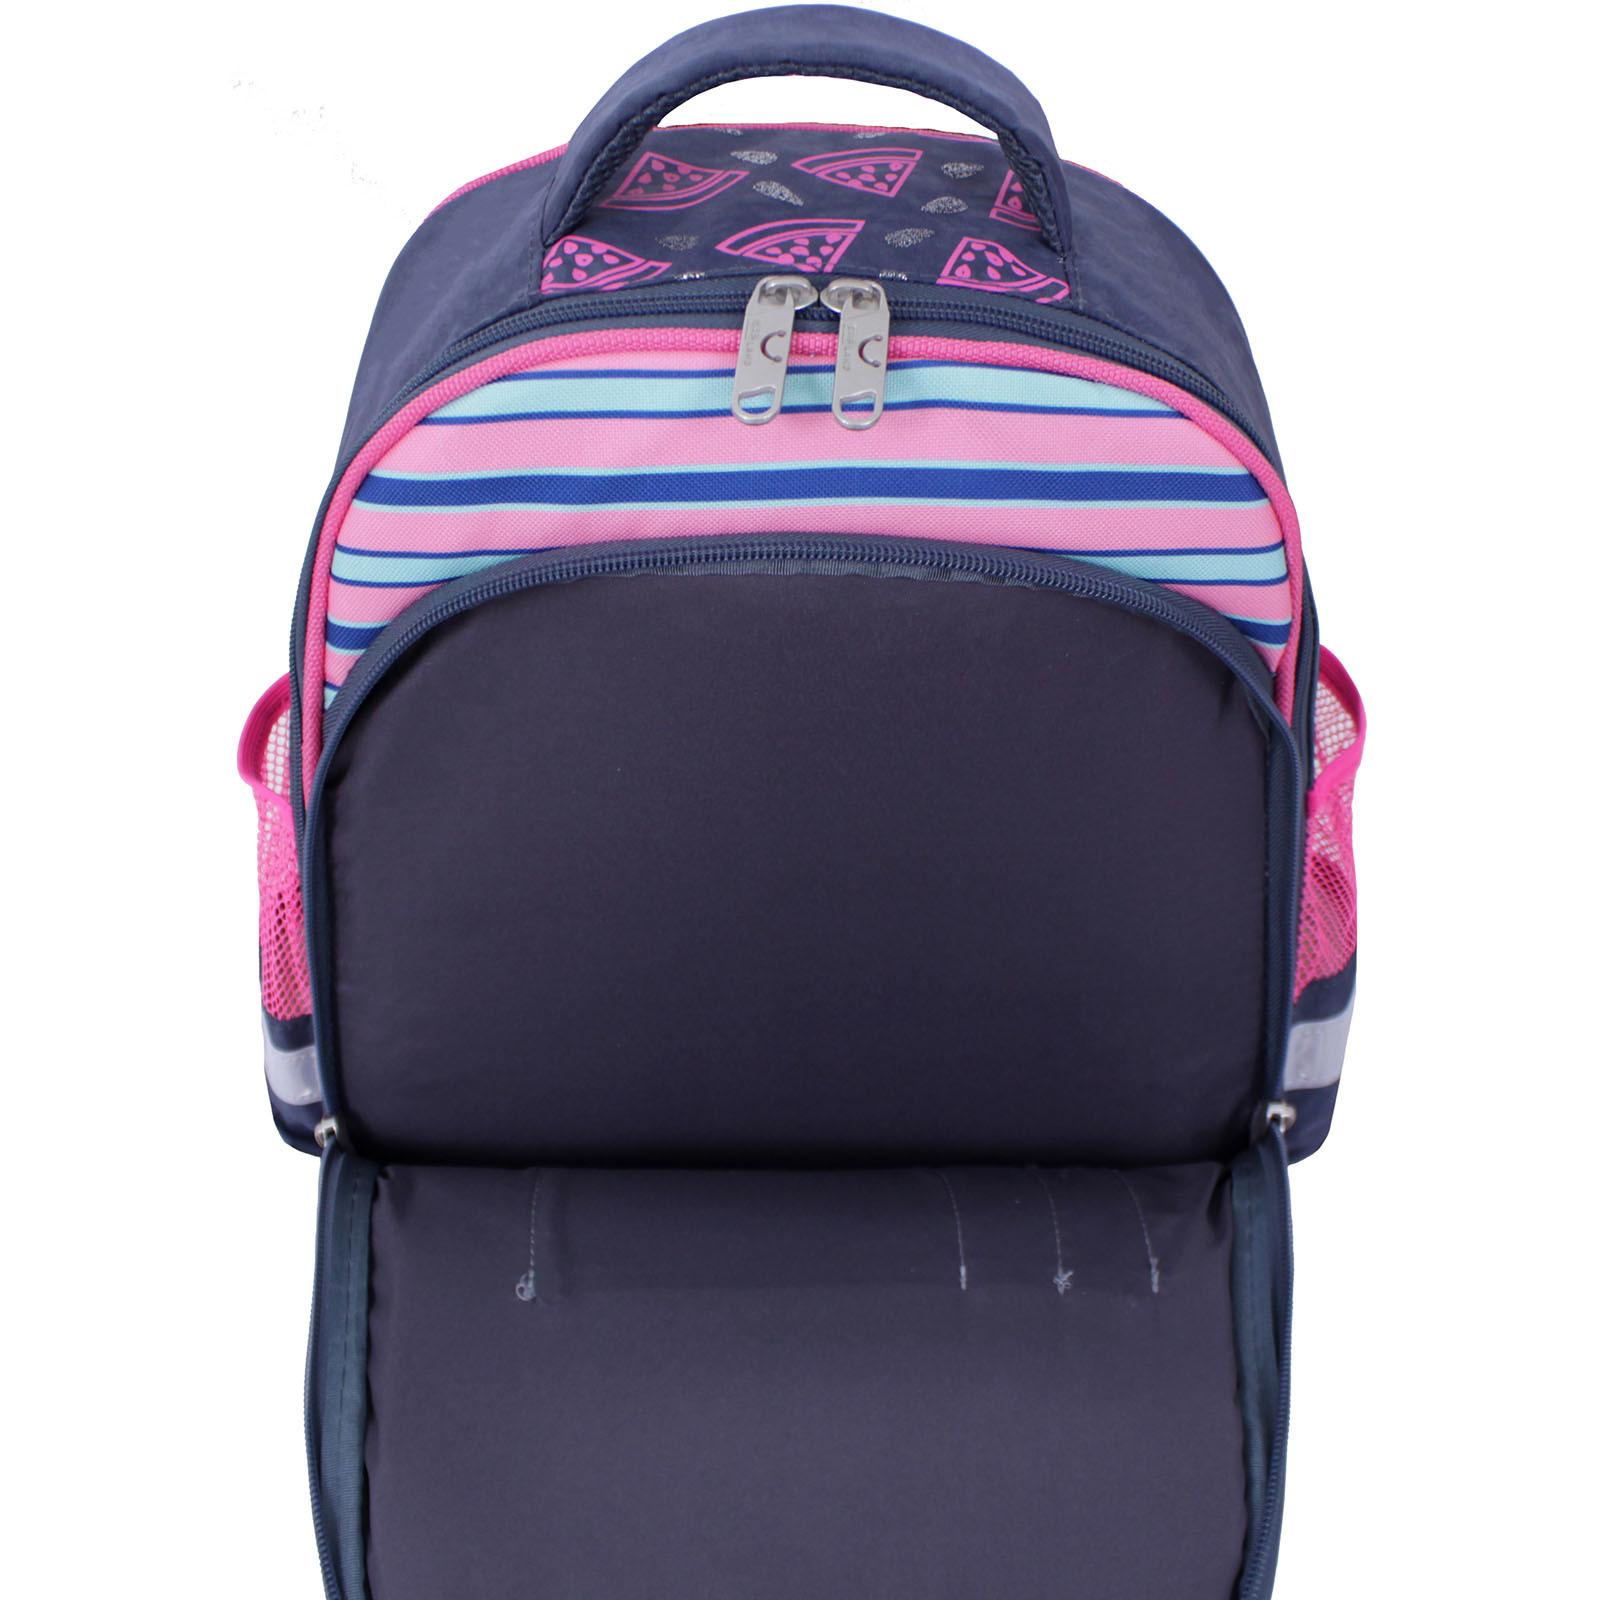 Рюкзак школьный Bagland Mouse 321 серый 204к (0051370) фото 4